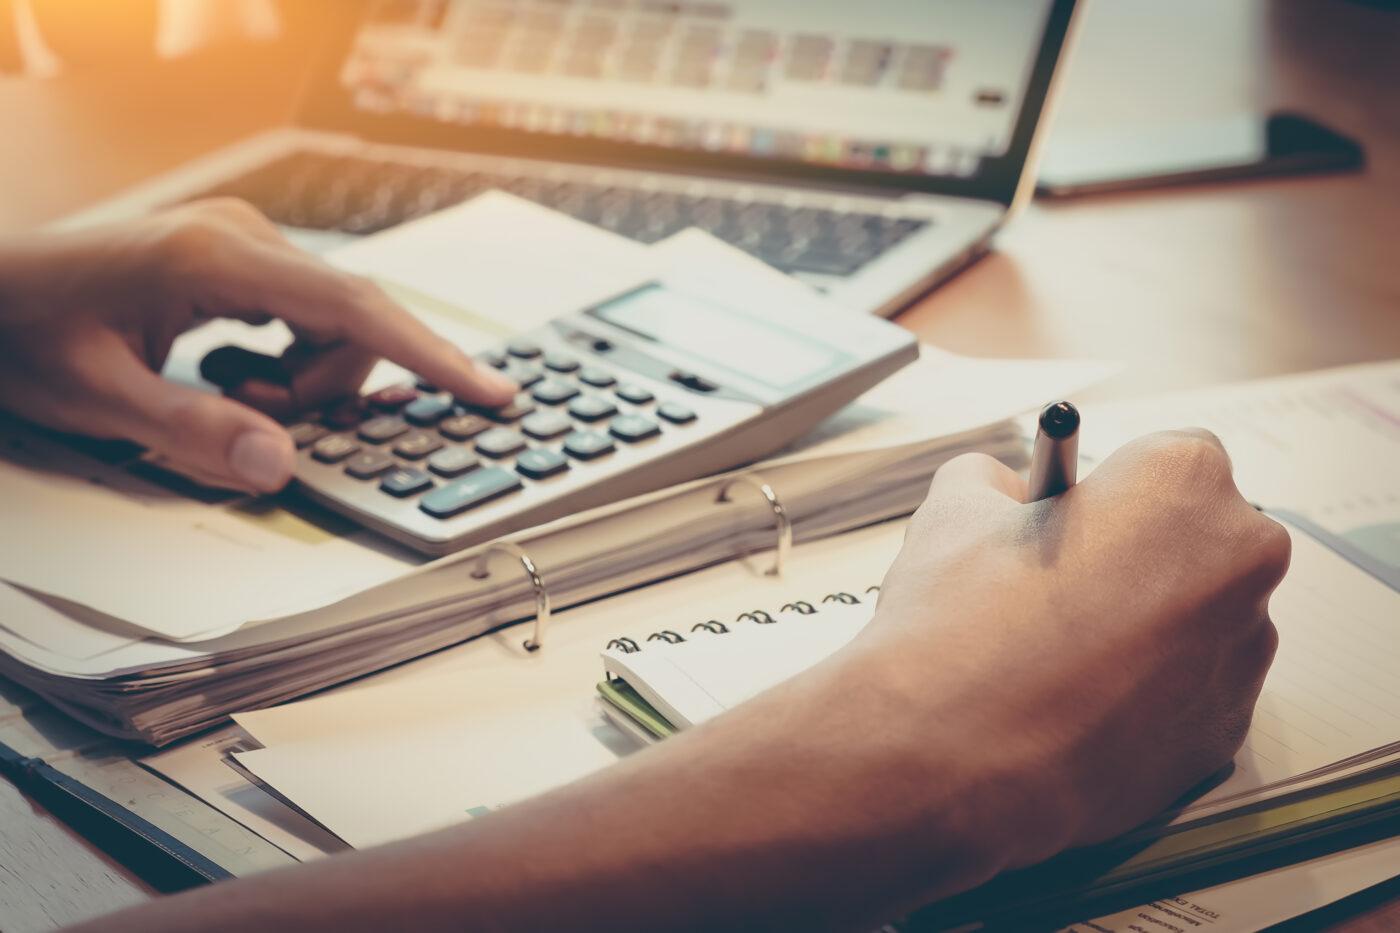 7 gute Gründe warum die Entscheidung zur Teilnahme an der <em> Umschulung zur/m Steuerfachangestellten eine sehr gute ist:</em>